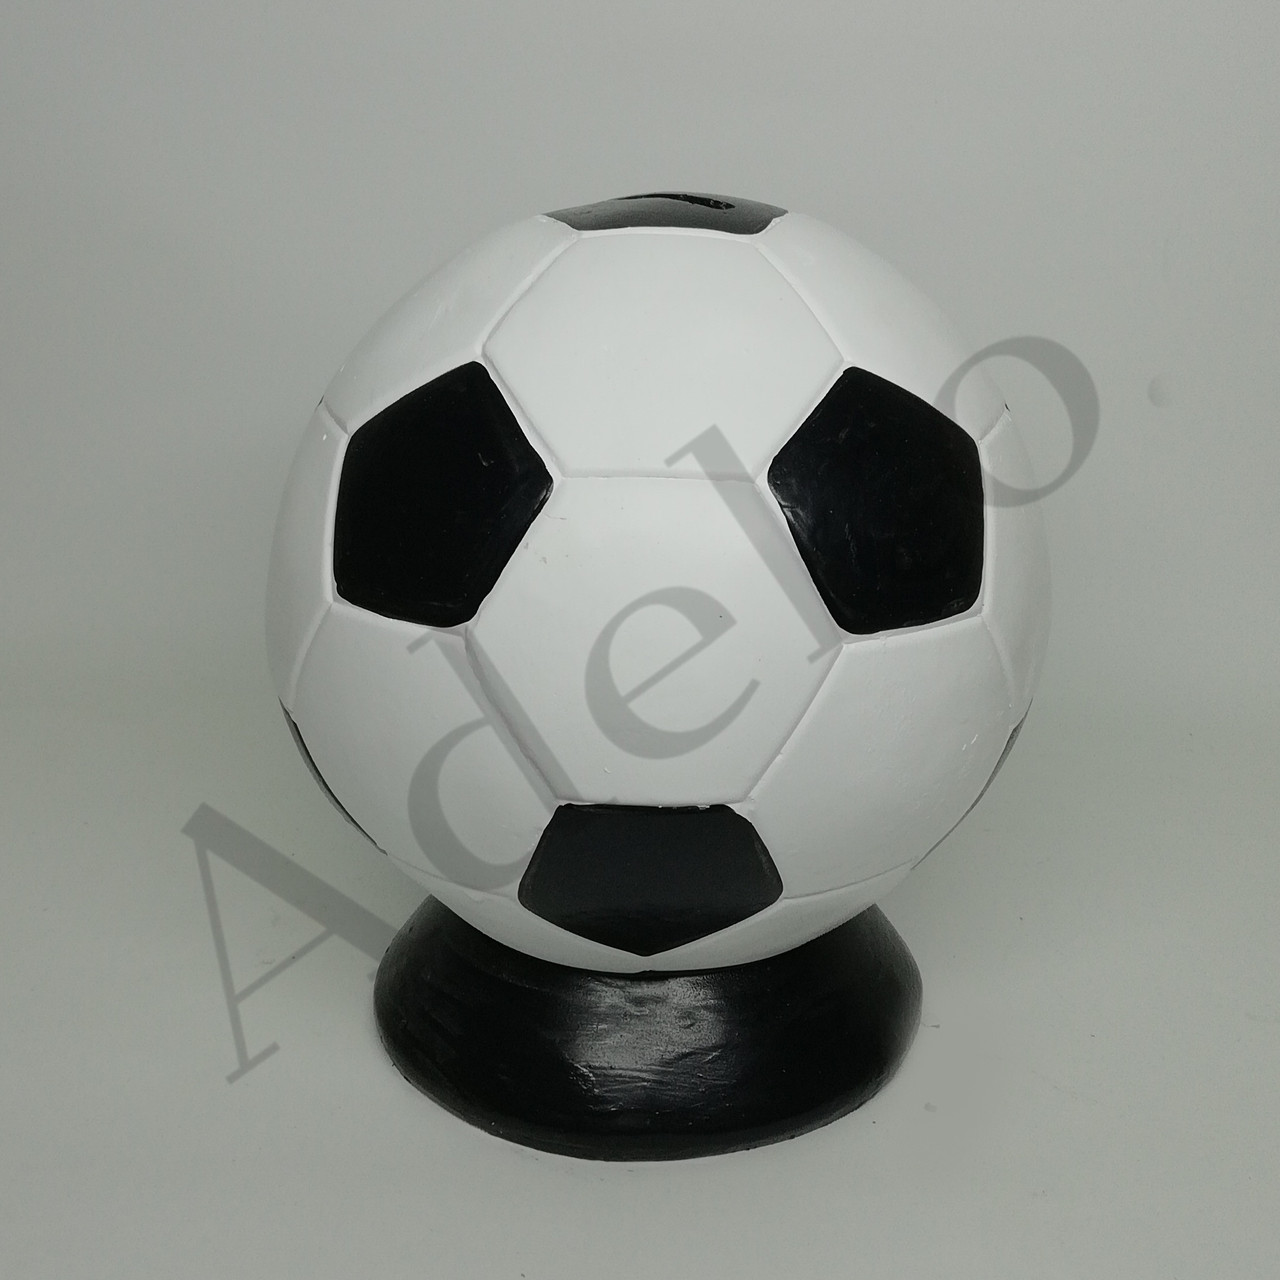 Скарбничка Футбольний м'яч 21 см